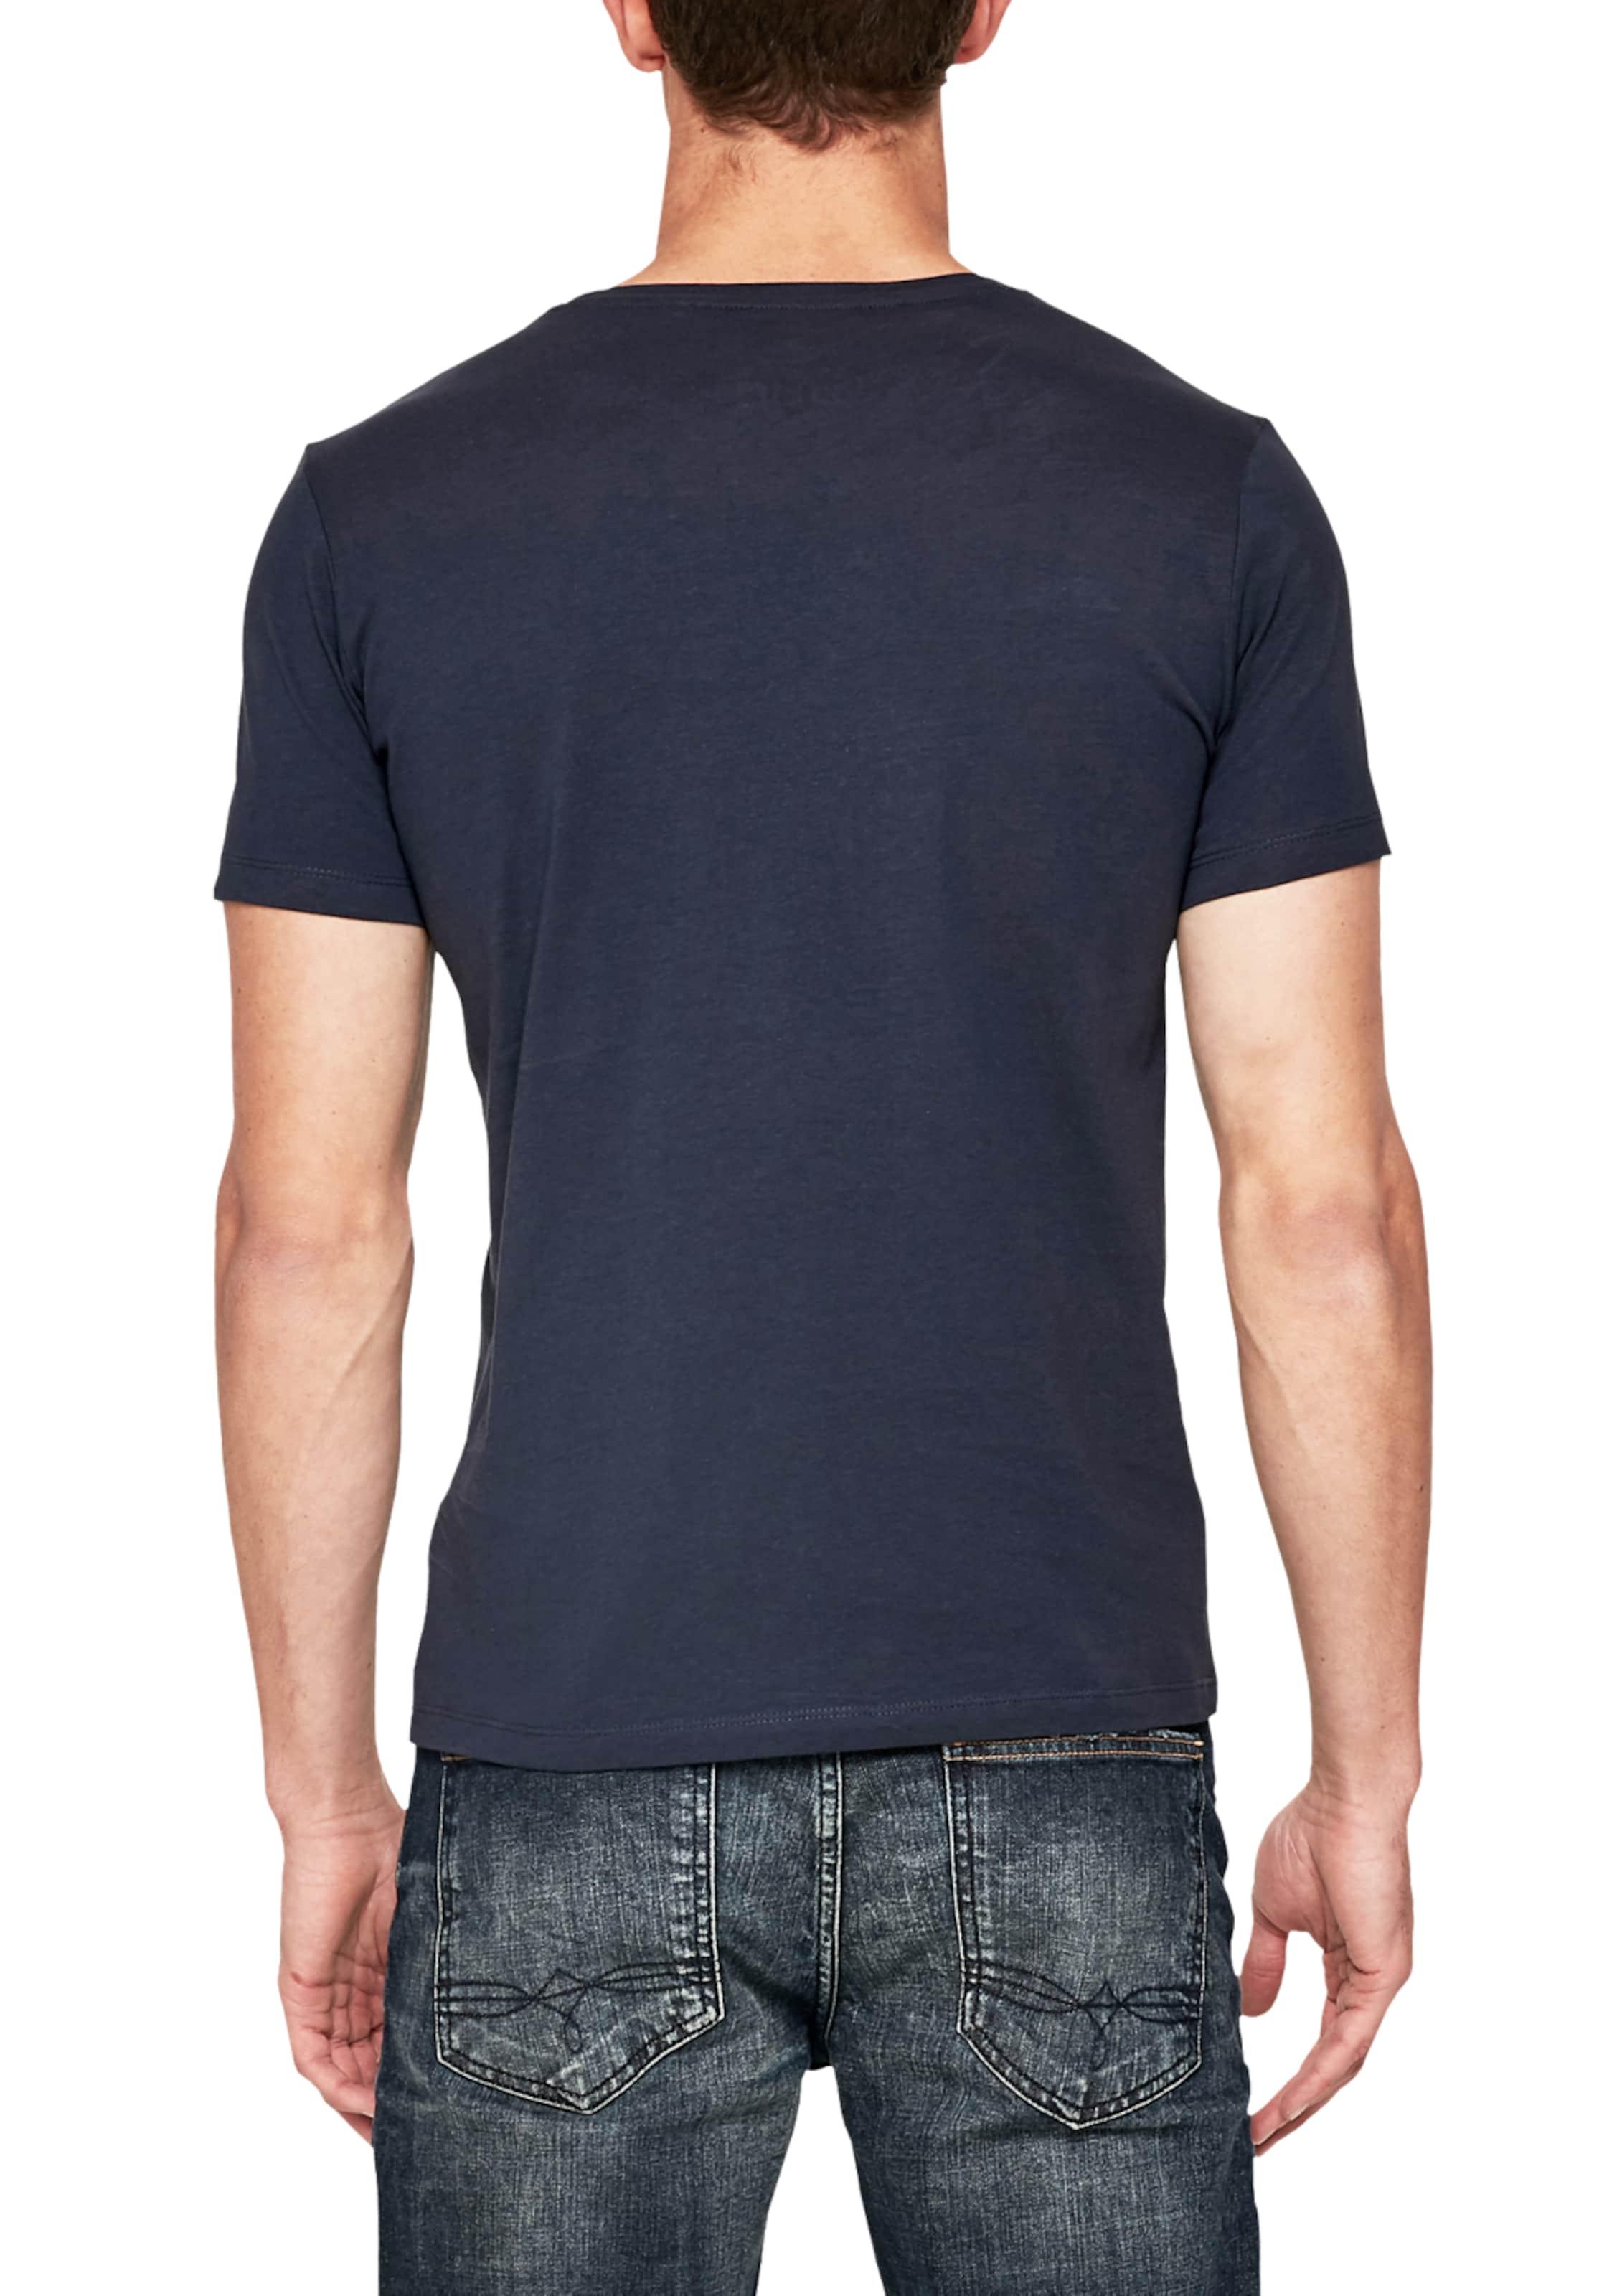 In Nachtblau Shirt oliver S S v7yfmb6gIY